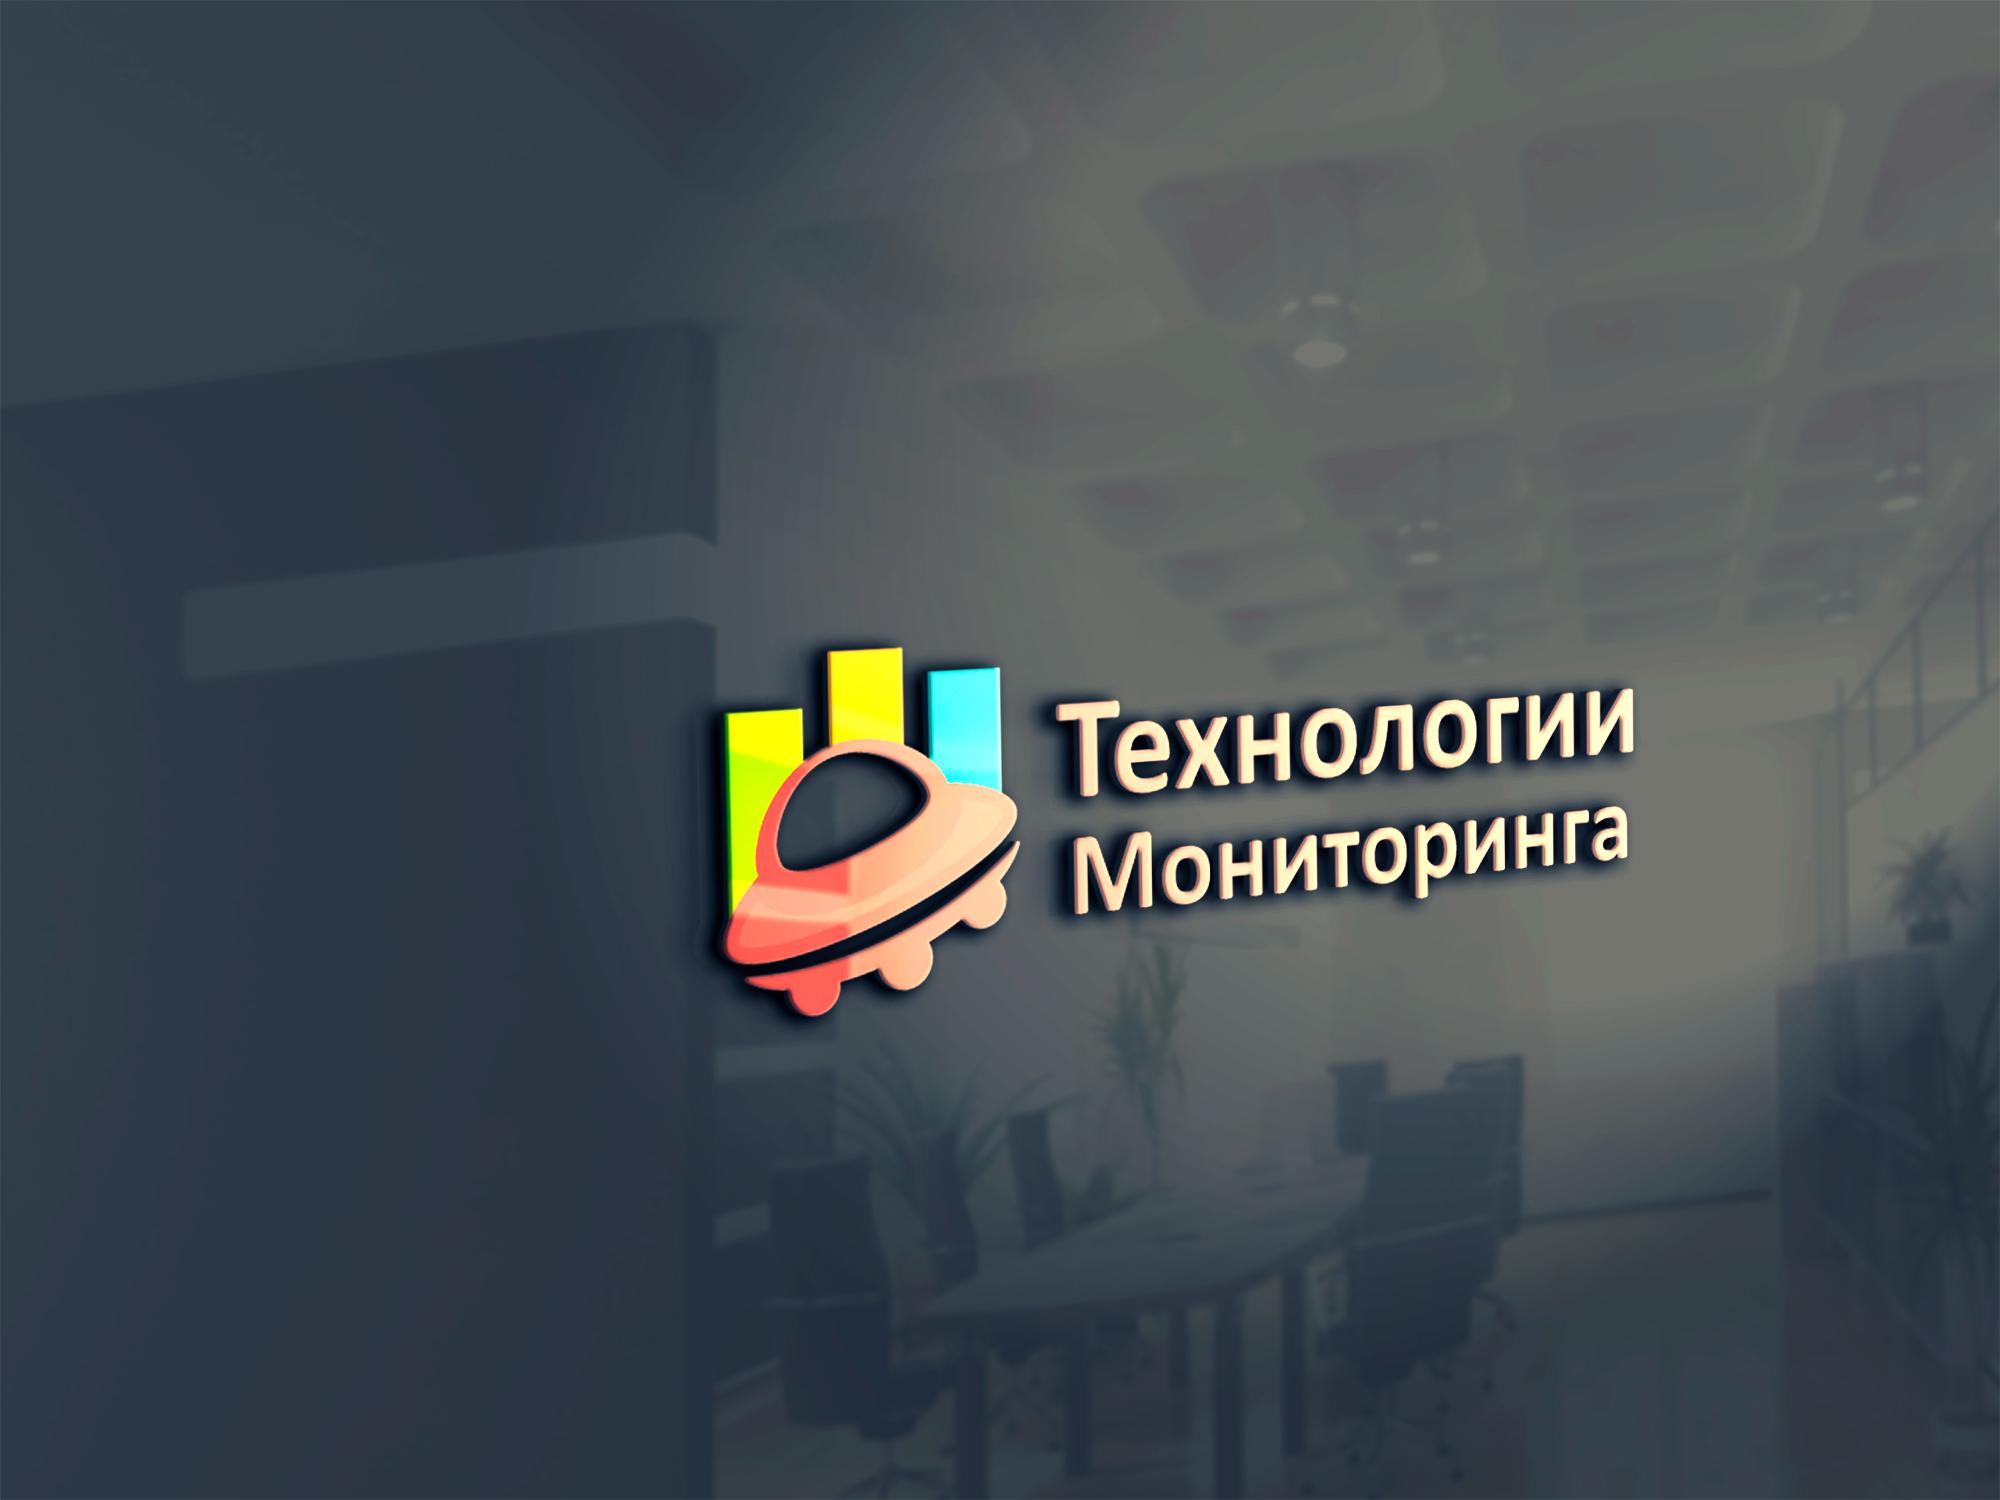 Разработка логотипа фото f_1355977fce15c231.jpg